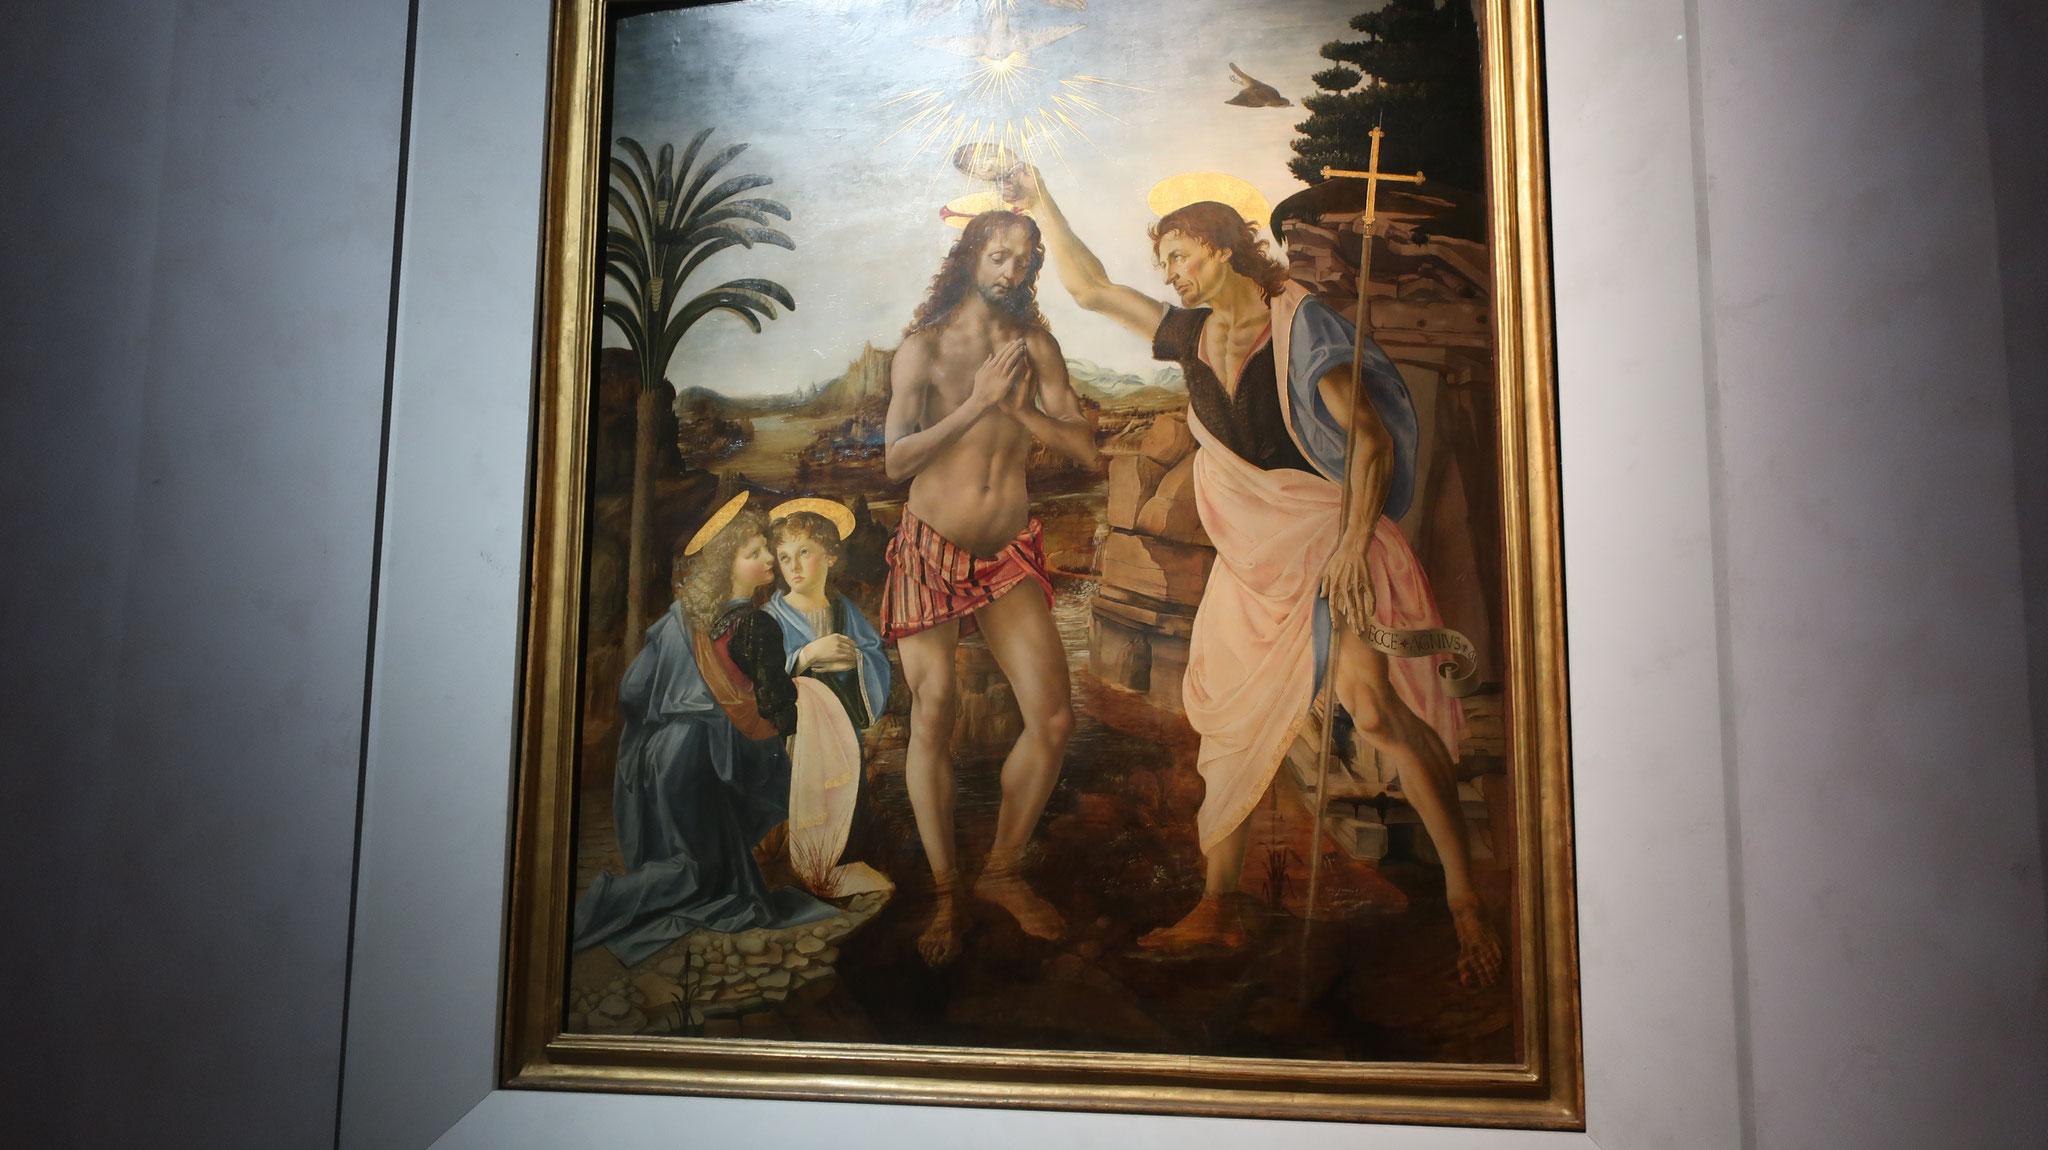 キリストの洗礼。15世紀、ヴェロッキオ(レオナルド・ダ・ヴィンチの師)作。弟子のダ・ヴィンチに左の天使と背景を描かせた所、 自分を上回ると感じた師のヴェロッキオは、引退しました。